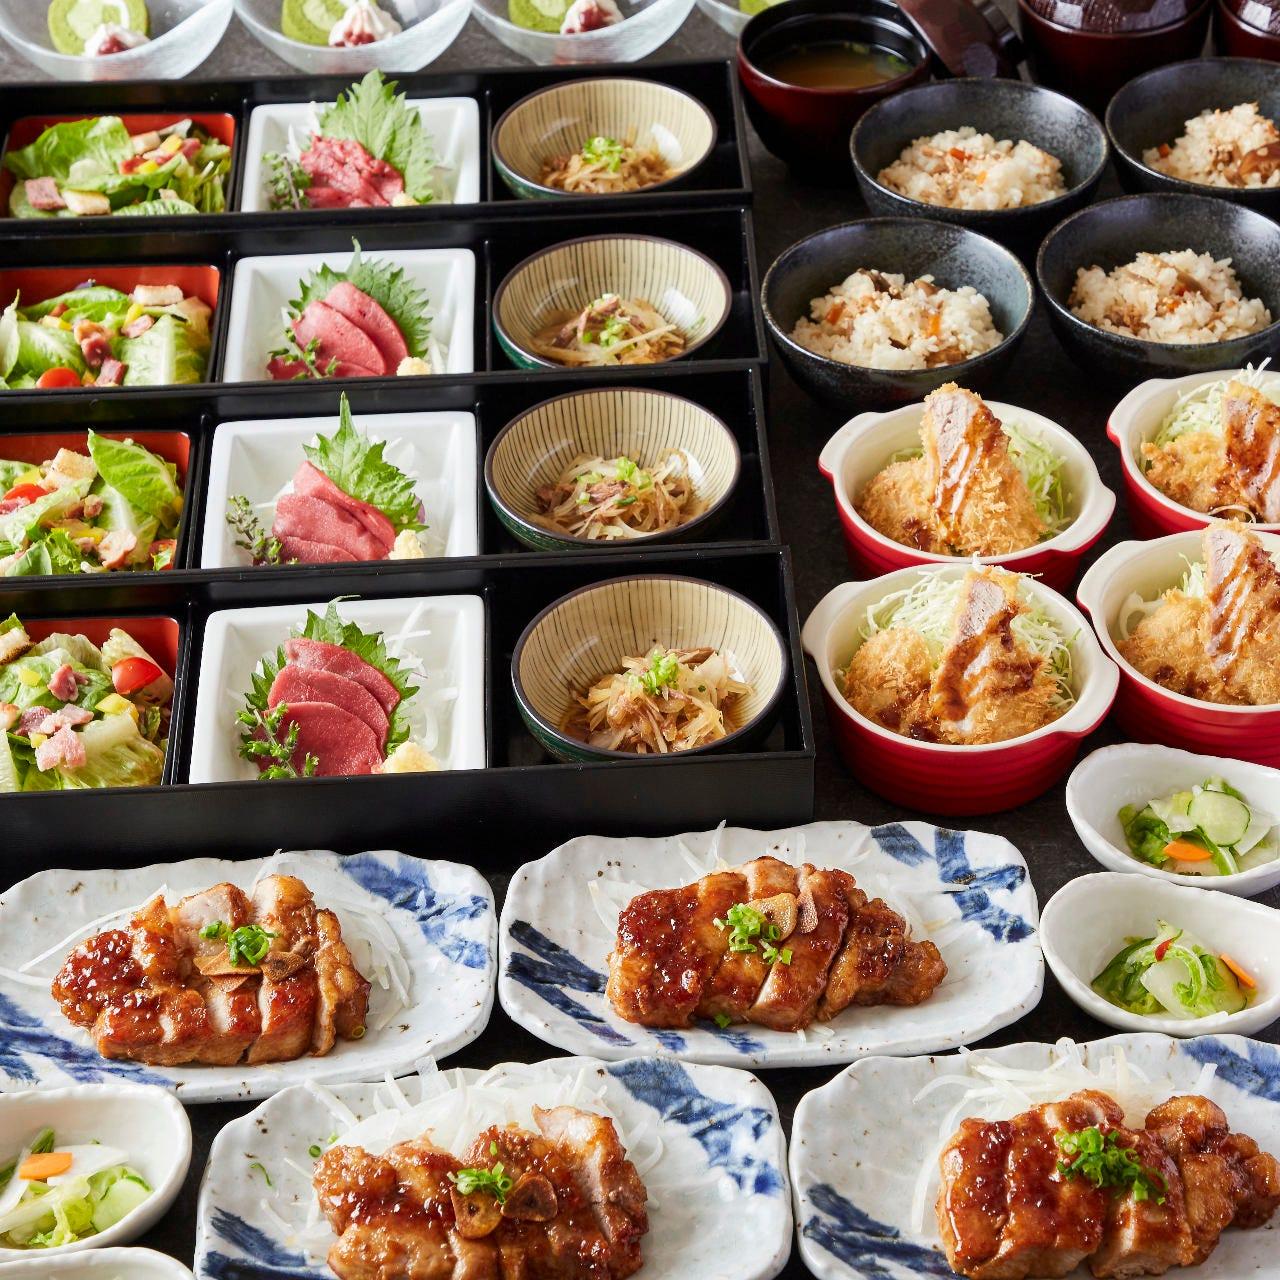 [熟成豚のトンテキ]熟成豚のトンテキはコース限定メニュー!牛タン・馬肉など7品【2H飲み放題付】3500円